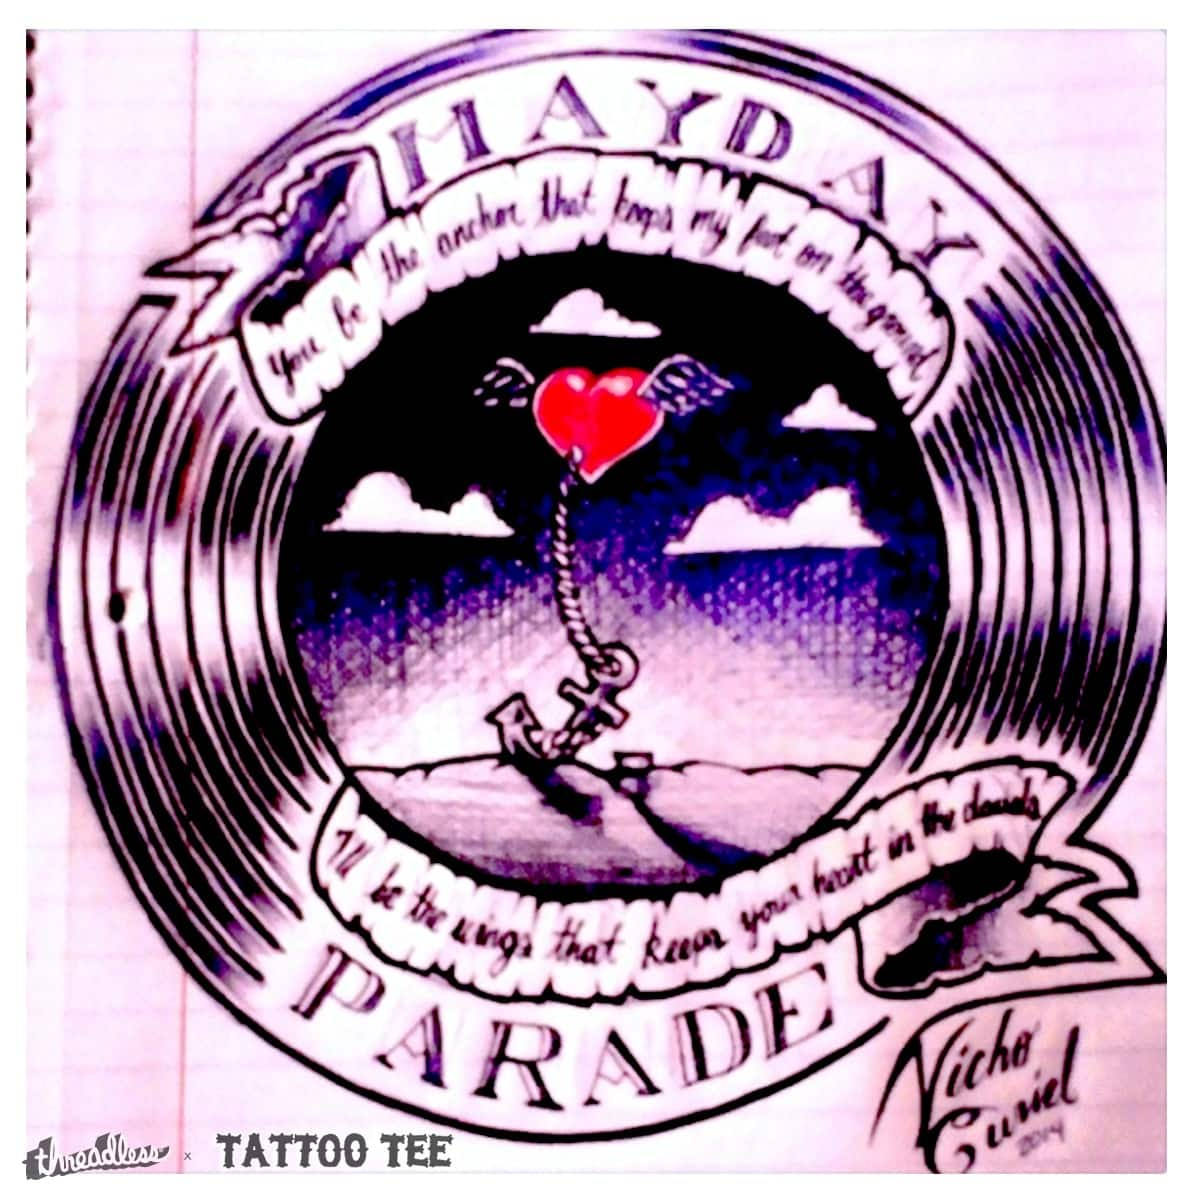 Score Mayday Parade Tattoo Idea By Nicho14 On Threadless